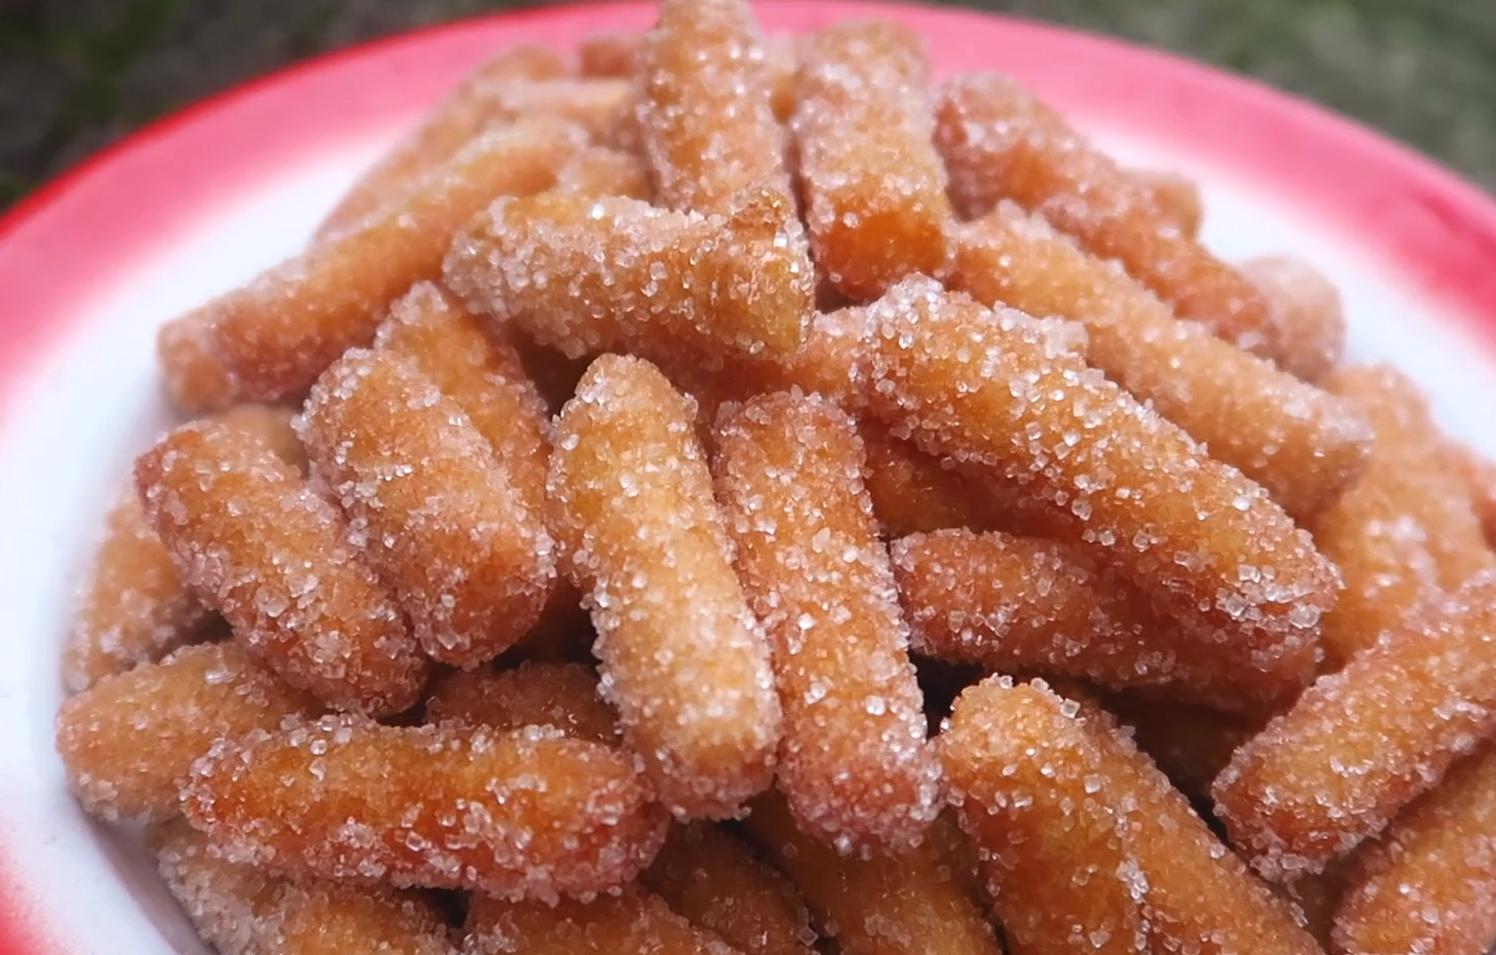 真正的老式江米條,步驟要點詳細,香甜酥脆,吃出小時候的回憶